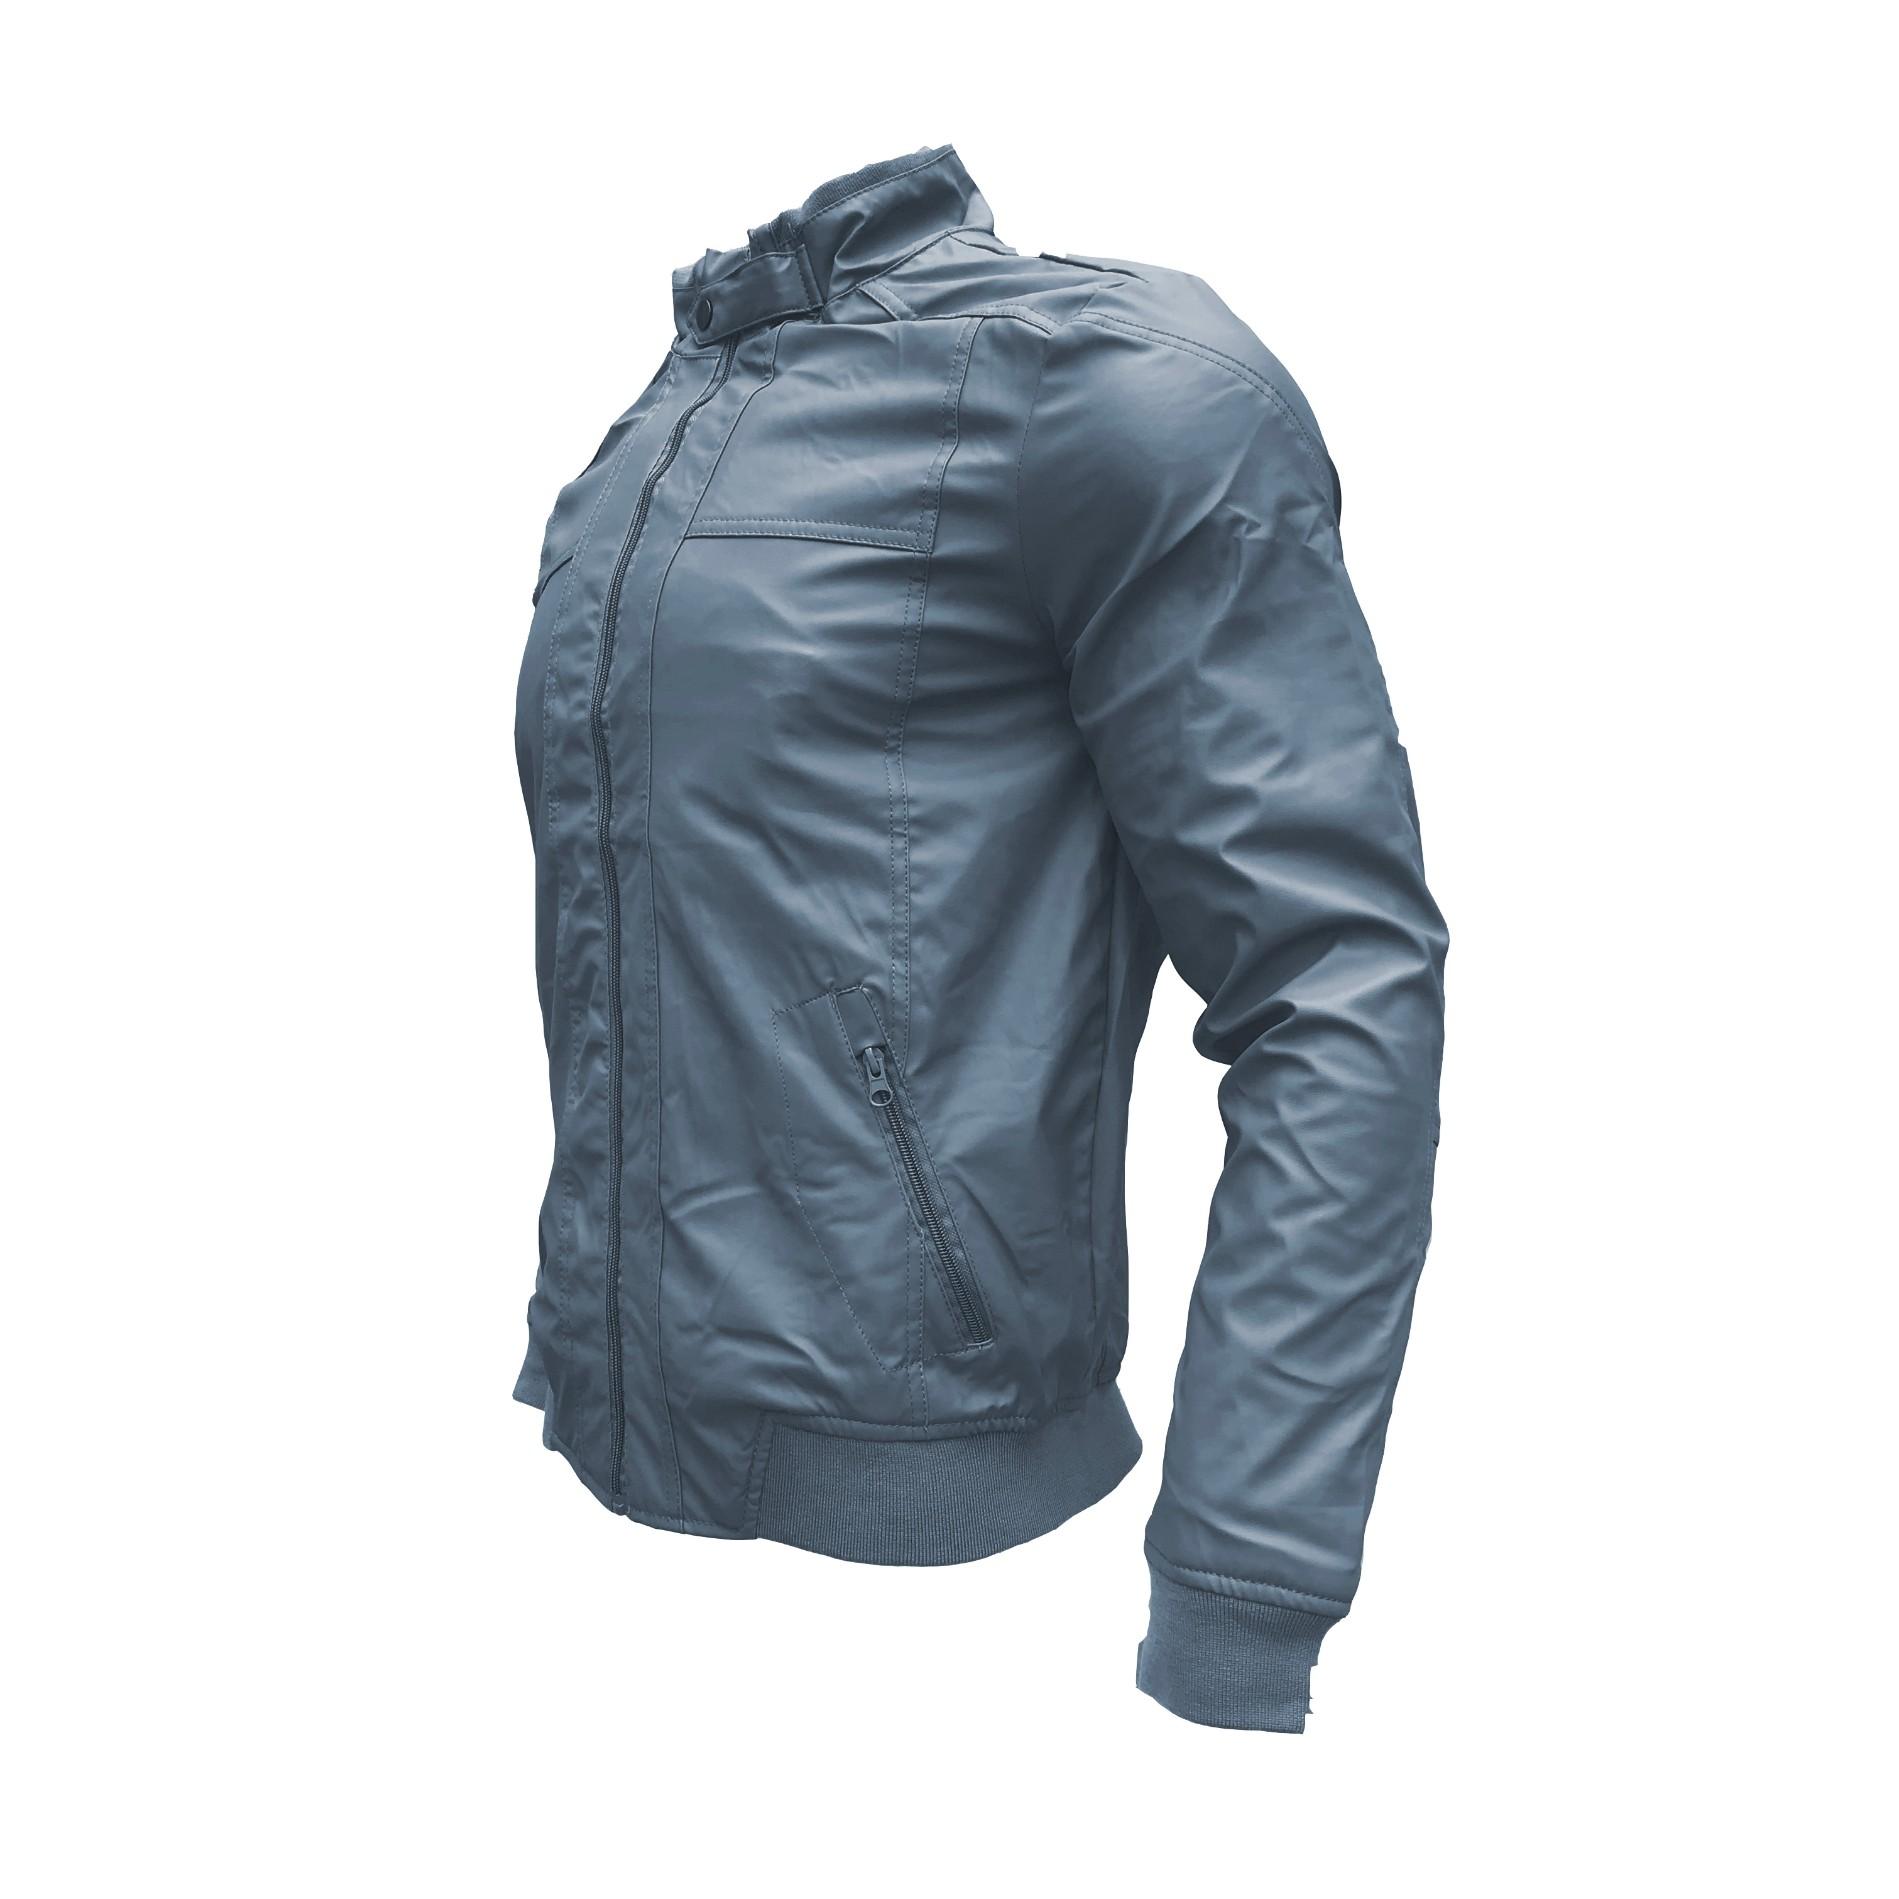 Men's PU Leather Jacket Man Manufacturers, Men's PU Leather Jacket Man Factory, Supply Men's PU Leather Jacket Man